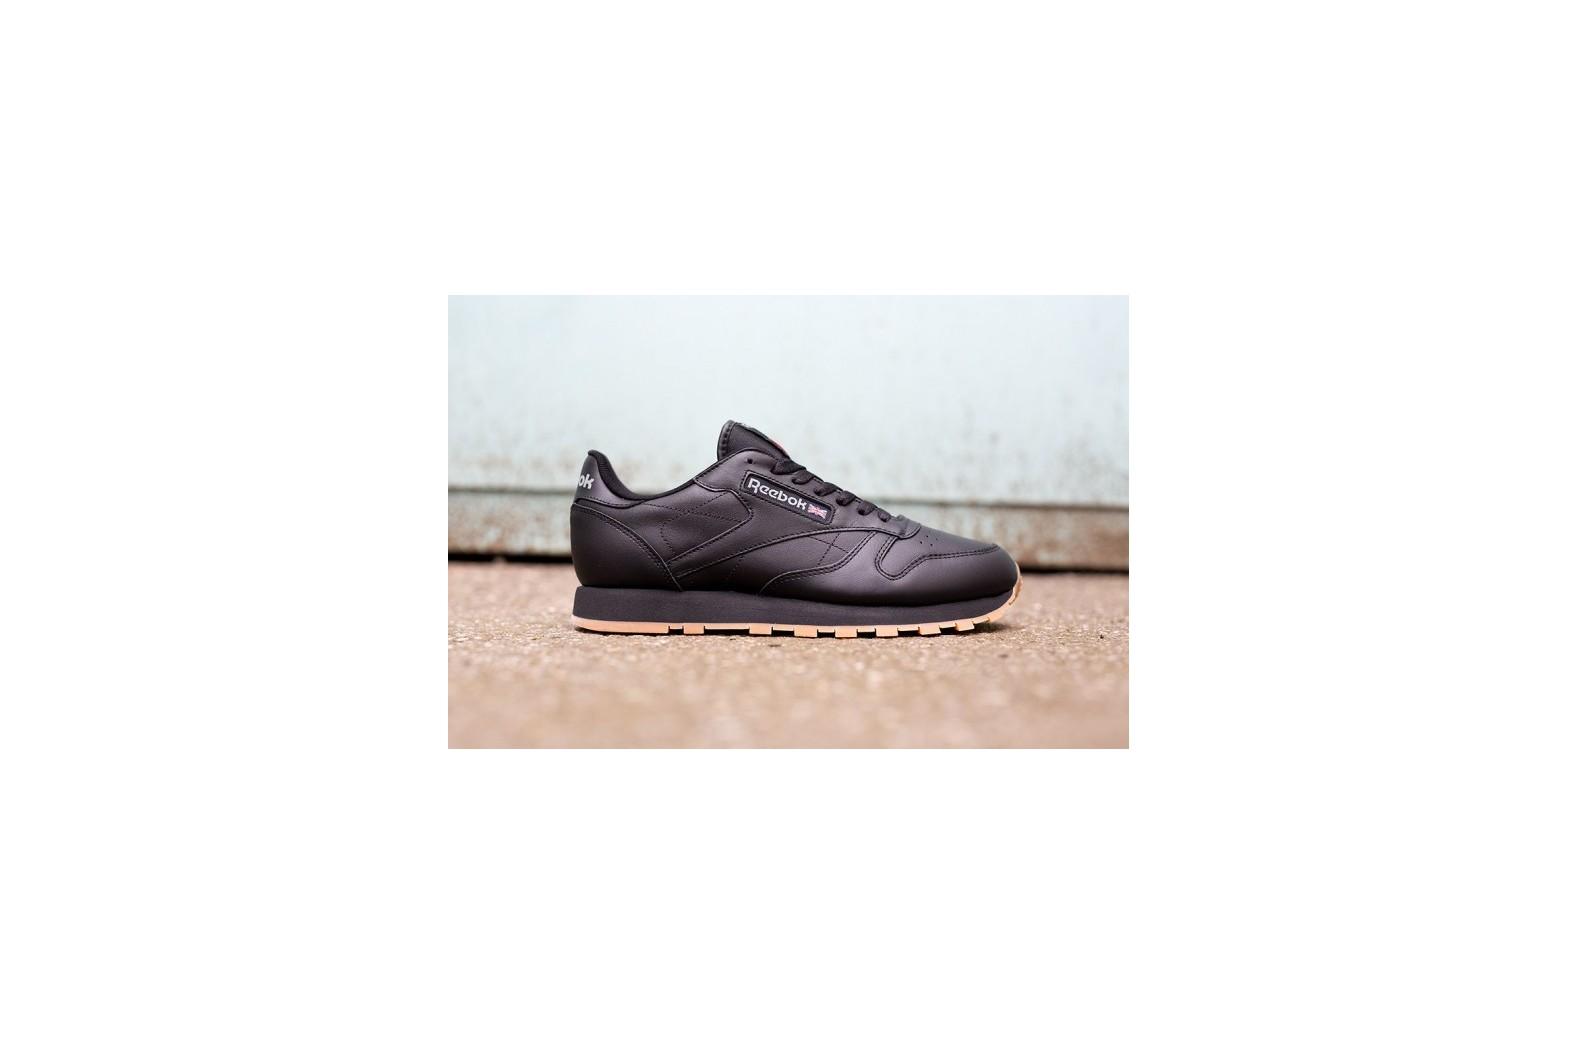 Мужские кроссовки Reebok Classic Leather - Black Gum   Интернет-магазин Sole a7244b40b7d